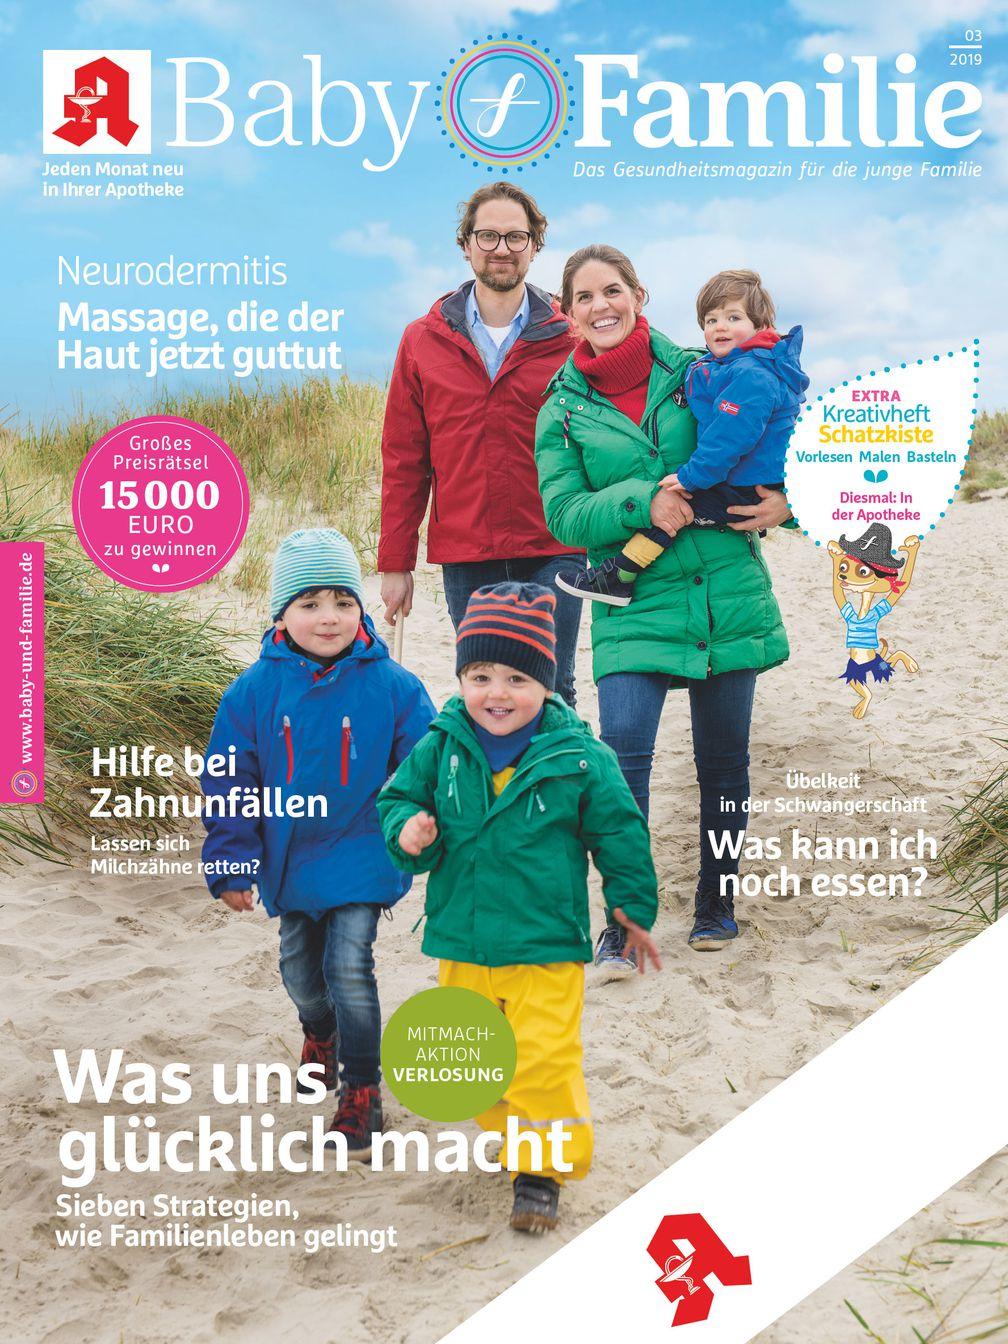 Baby & Familie Apotheken Zeitschrift Cover